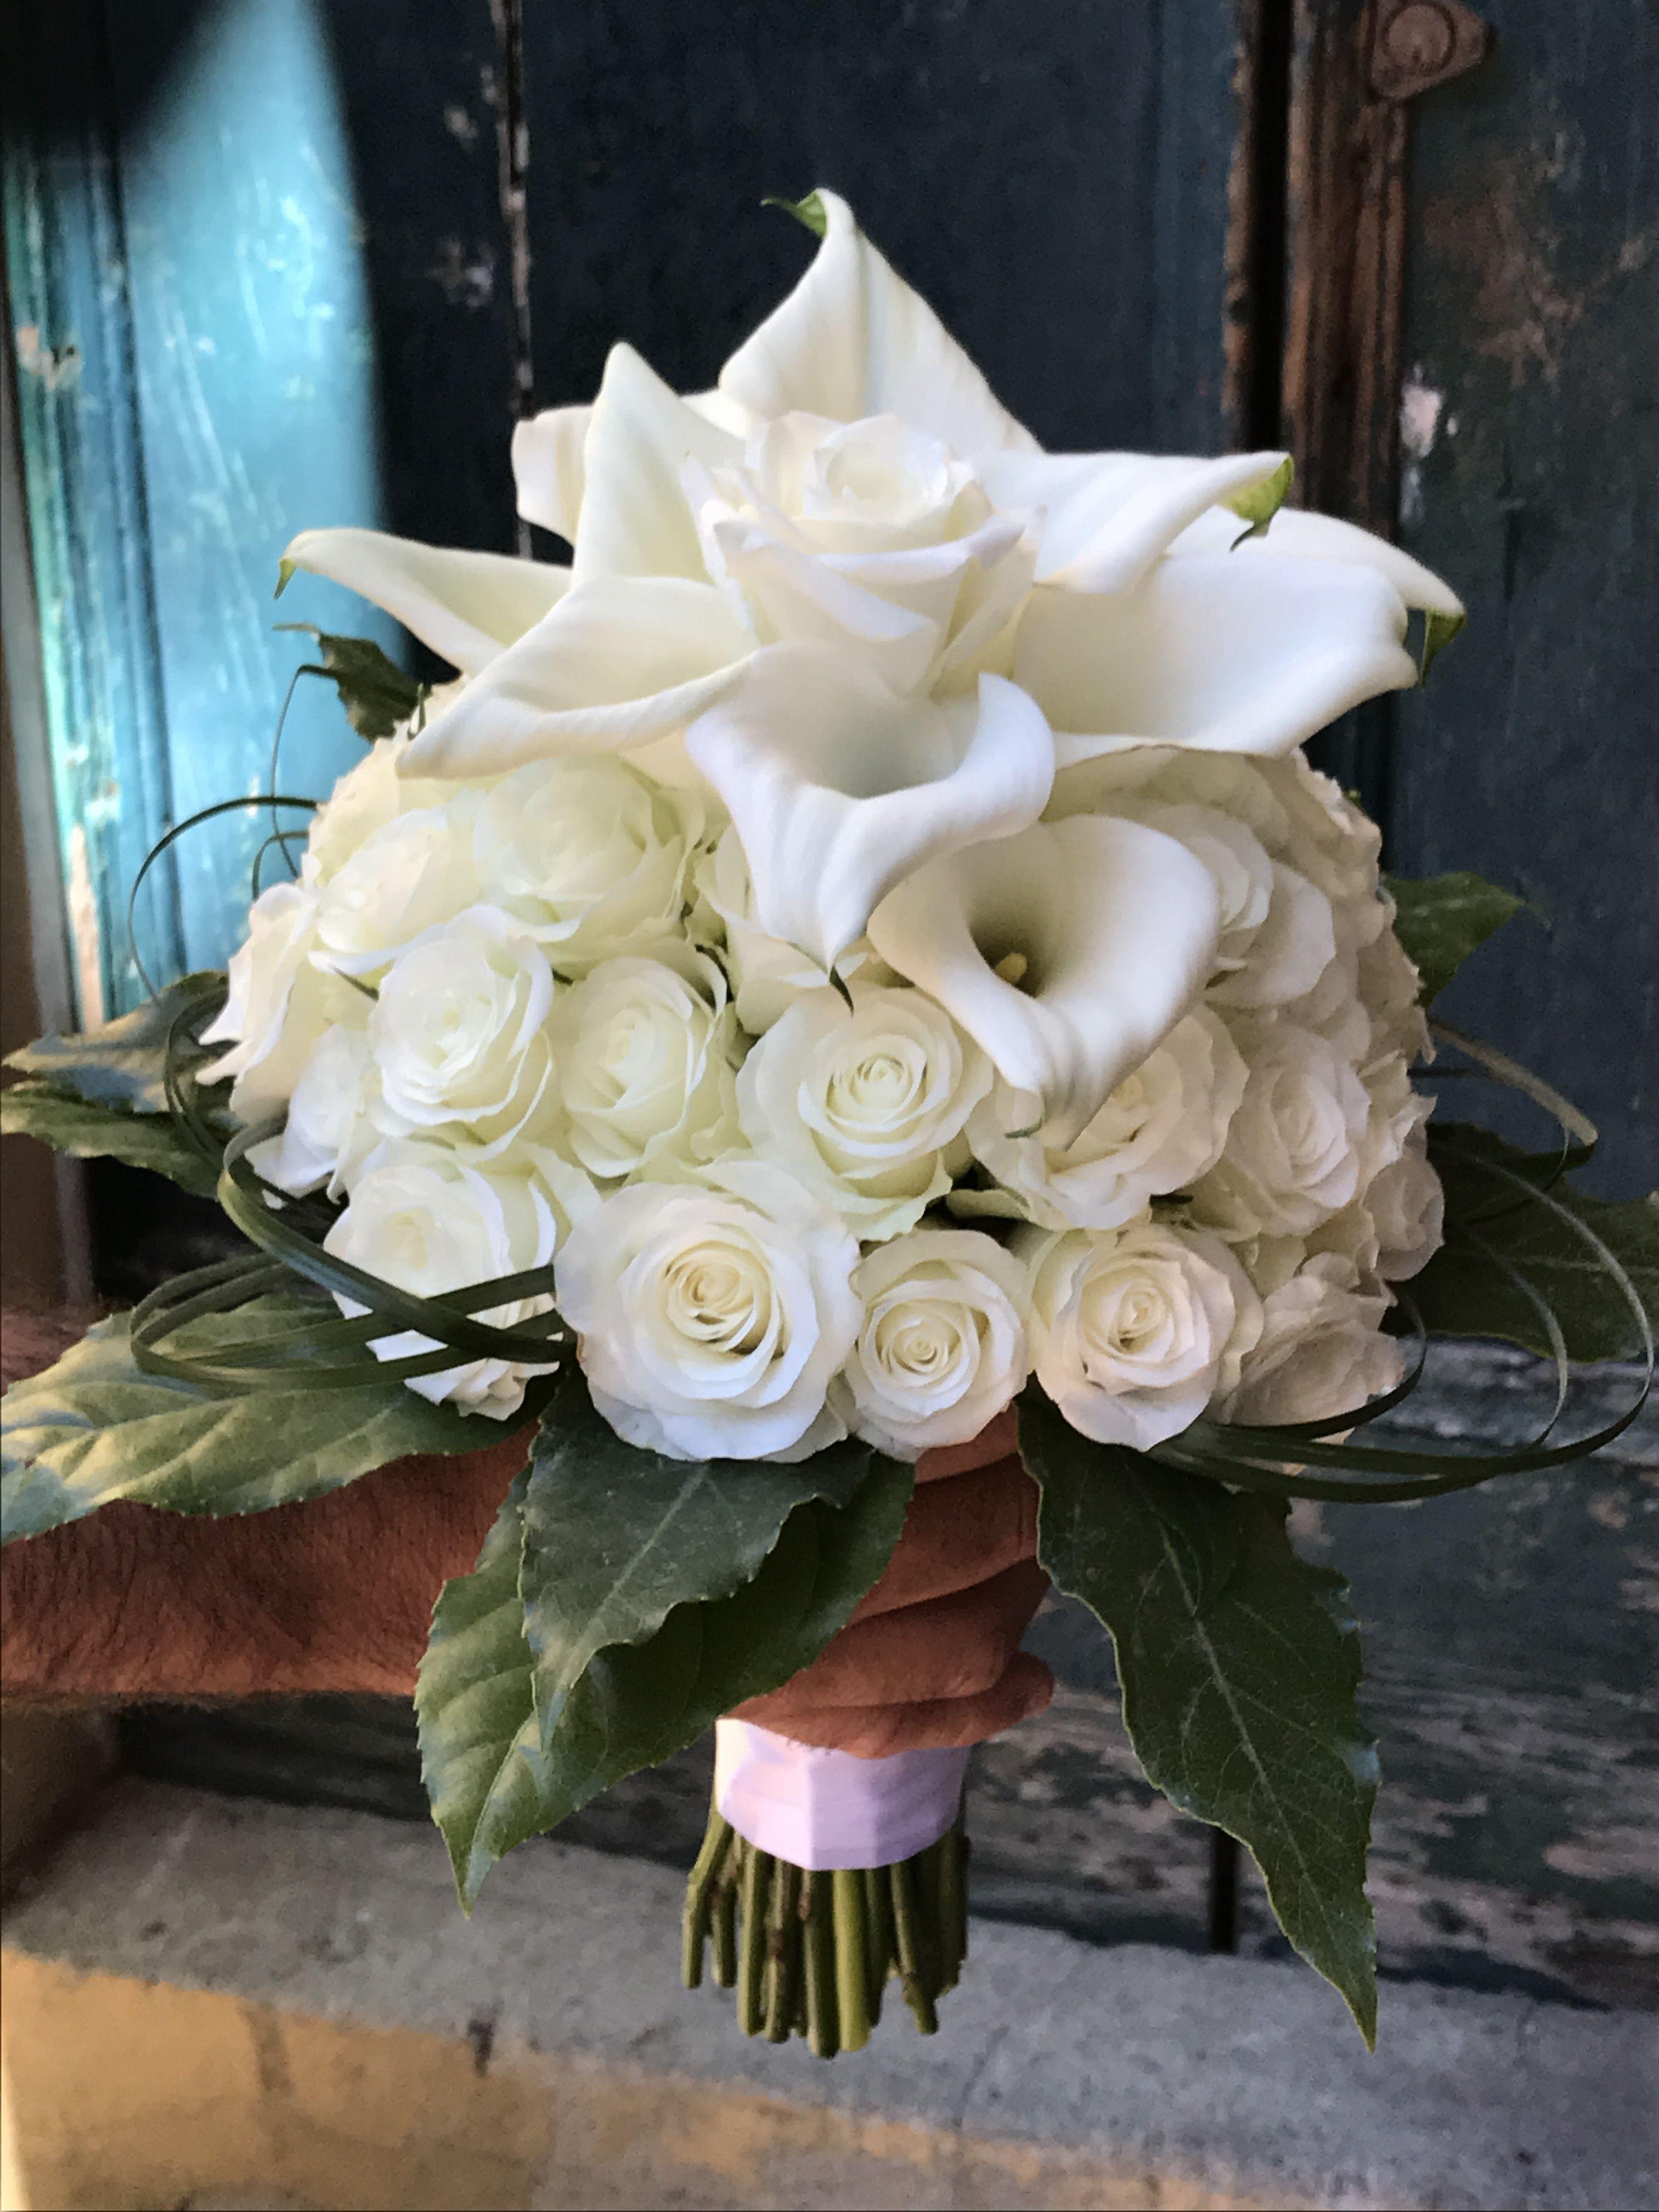 Bouquet Sposa Rose E Calle.Bouquet Rose E Calle Bouquet Da Sposa Bouquet Nozze